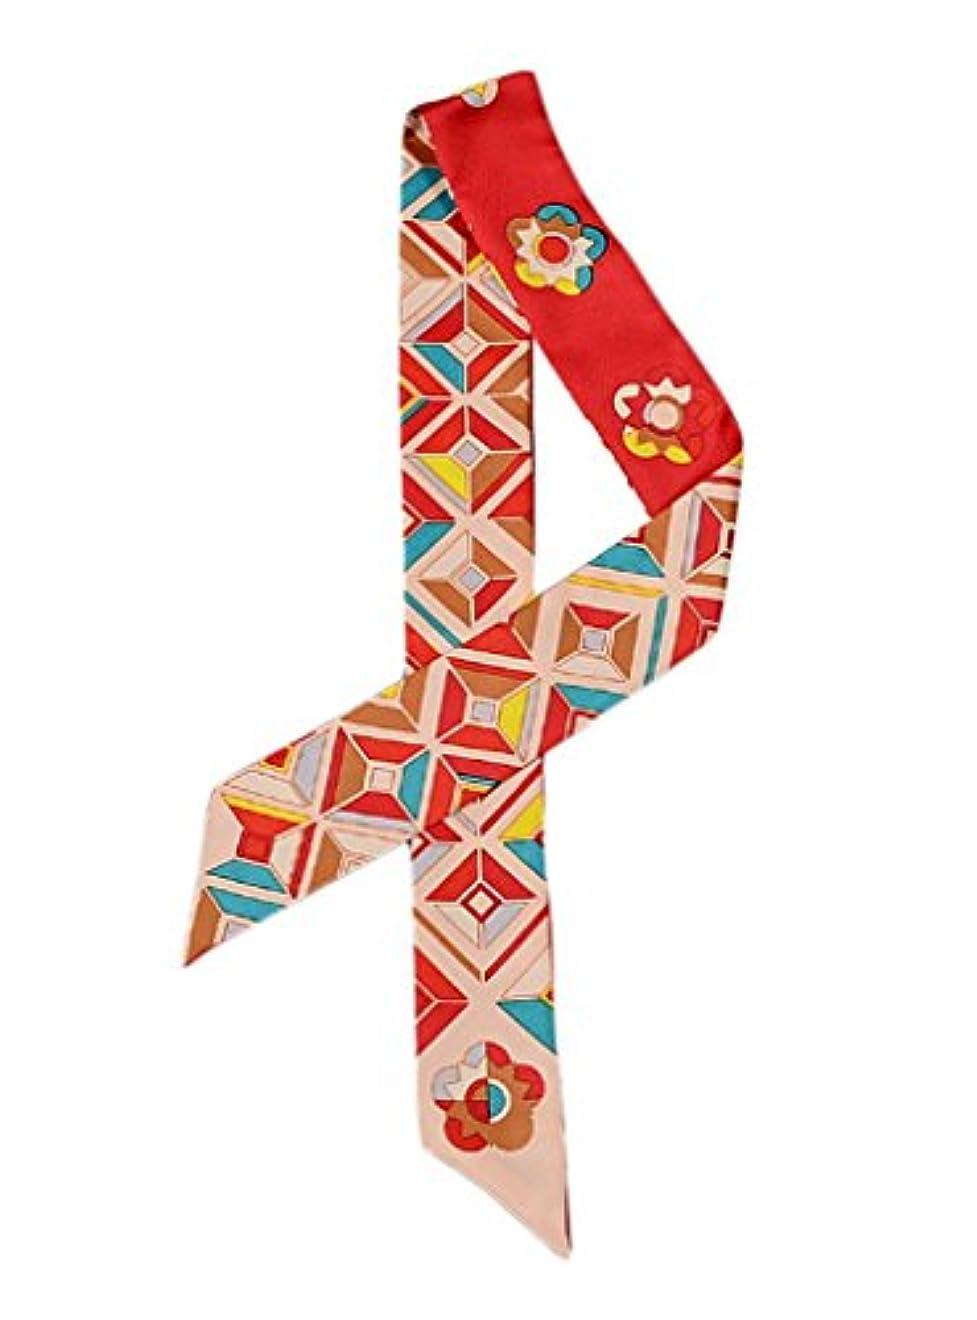 威信回転させるコロニアル(ビグッド)Bigood バッグ用 細スカーフ ツイリースカーフ 長方形 スリムスカーフ リボンスカーフ 巻きつけ アクセサリー 持ち手 小物